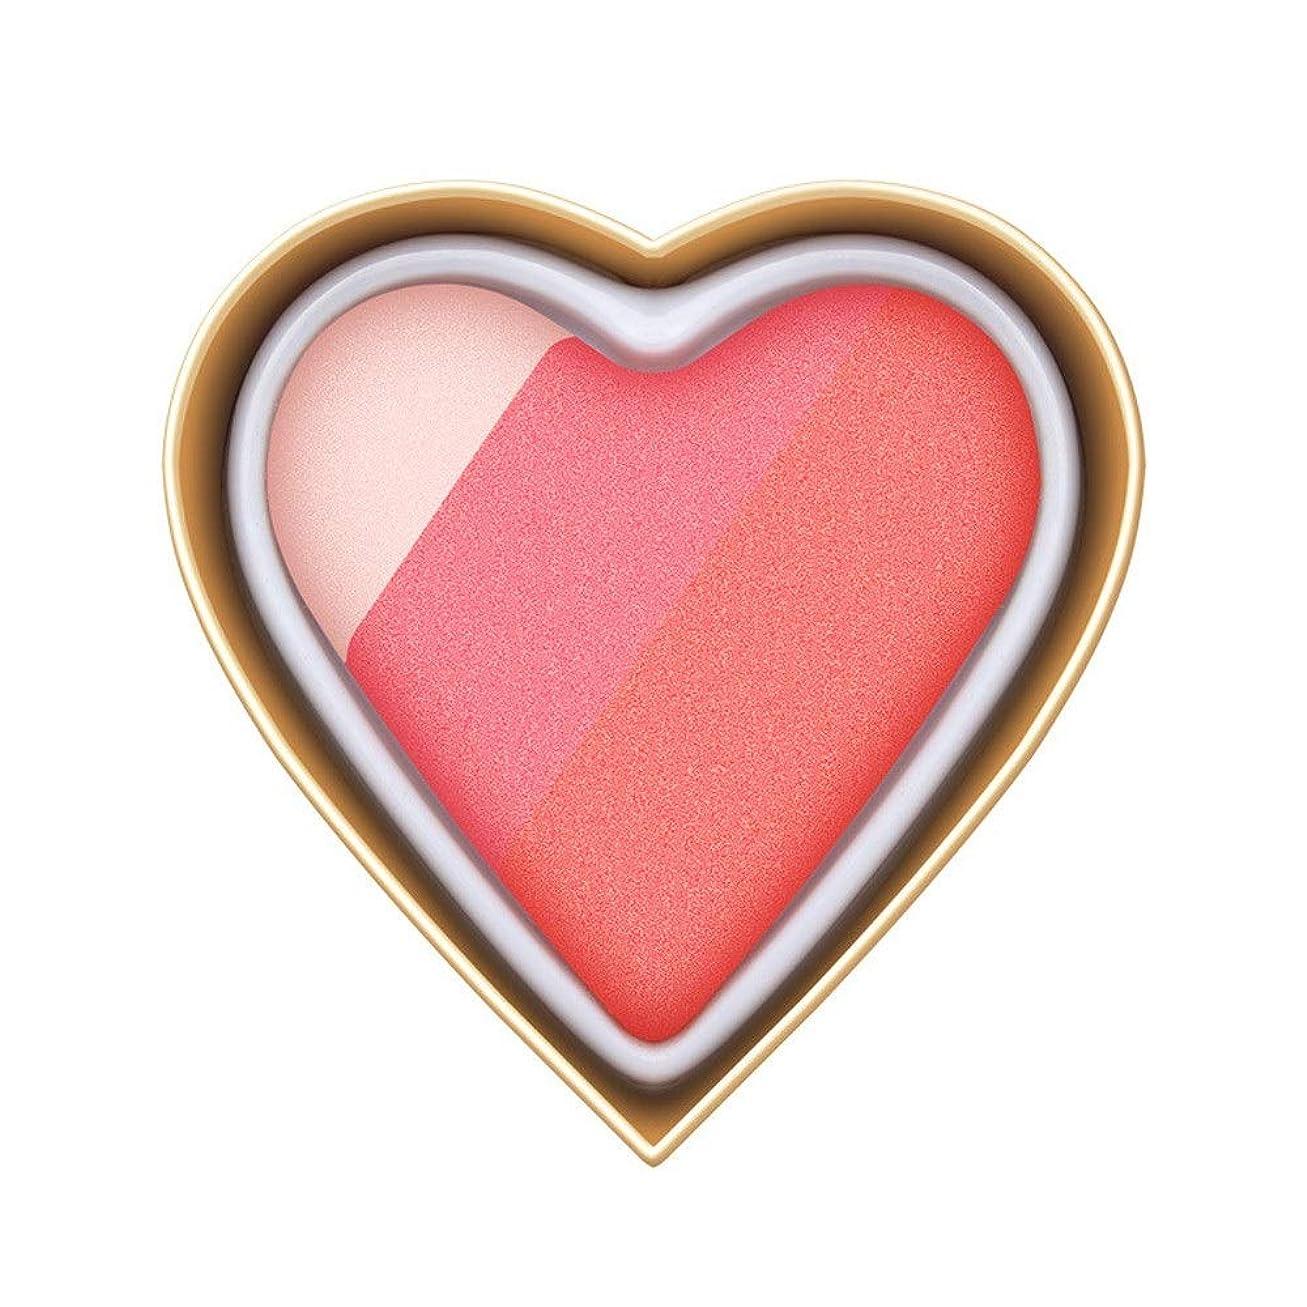 脈拍非行勃起Florrita 女性 ハート型 アイシャドー パレット 優しい色 レインボー色 愛の少女系 ハイライトパウダー アイシャドー 発色が素晴らしい アイシャドウパレット シャドー ブラッシュ 携帯便利 プレゼント (C)